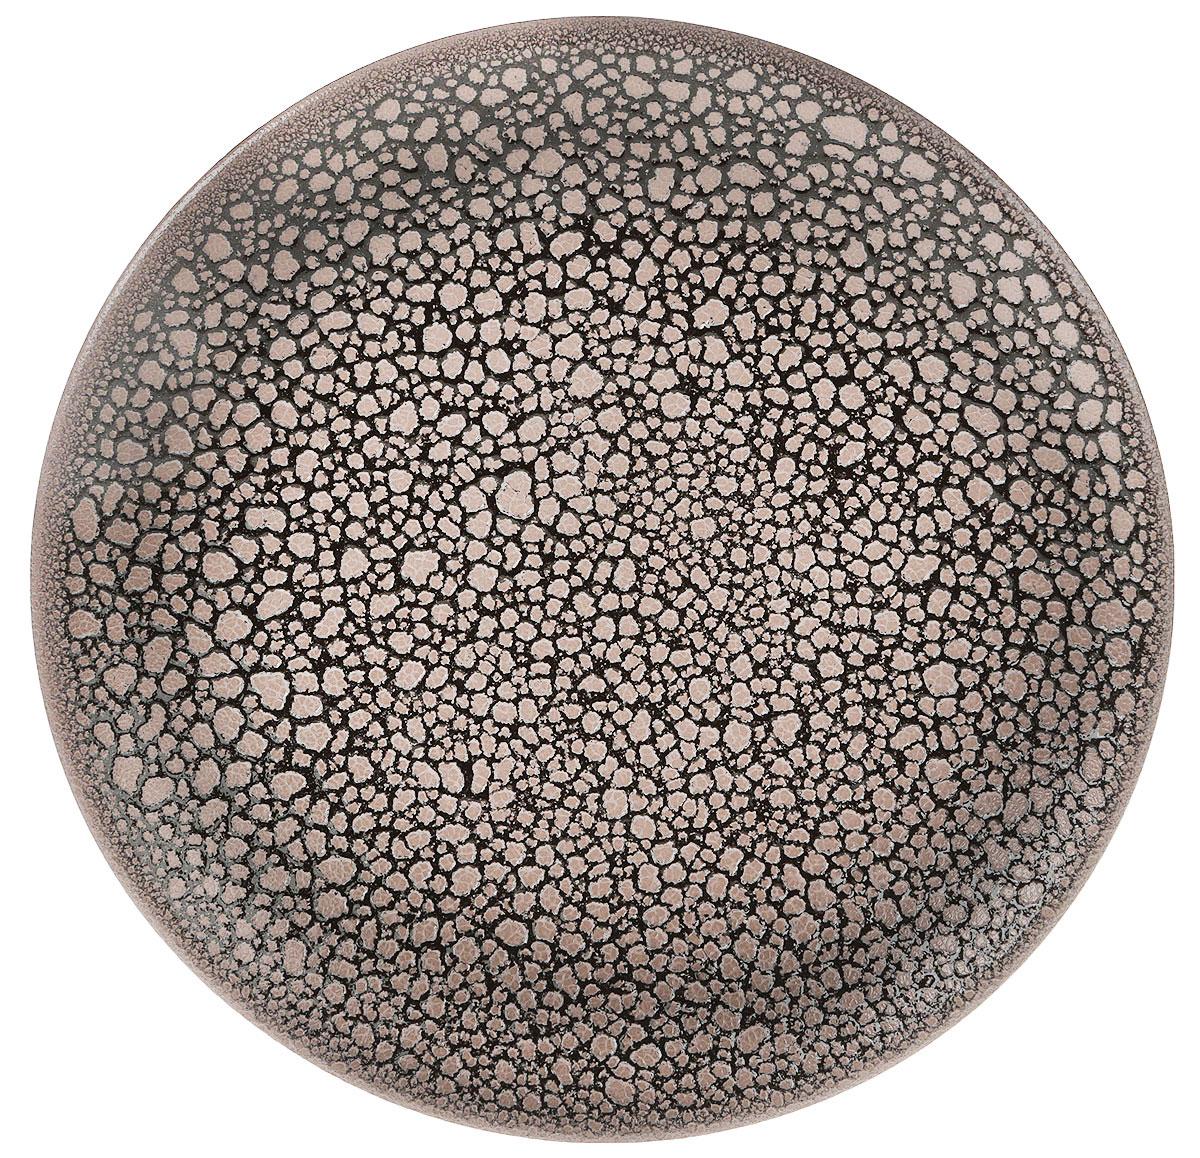 Тарелка Борисовская керамика, диаметр 22 смМРМ00000806Тарелка Борисовская керамика, выполненная из керамики, имеет оригинальный дизайн.Изделие прекрасно подойдет для сервировки фруктов, подачидесертов и закусок.Такая тарелка прекрасно оформит праздничный стол ипорадует вас и ваших гостей изысканным дизайном и формой.